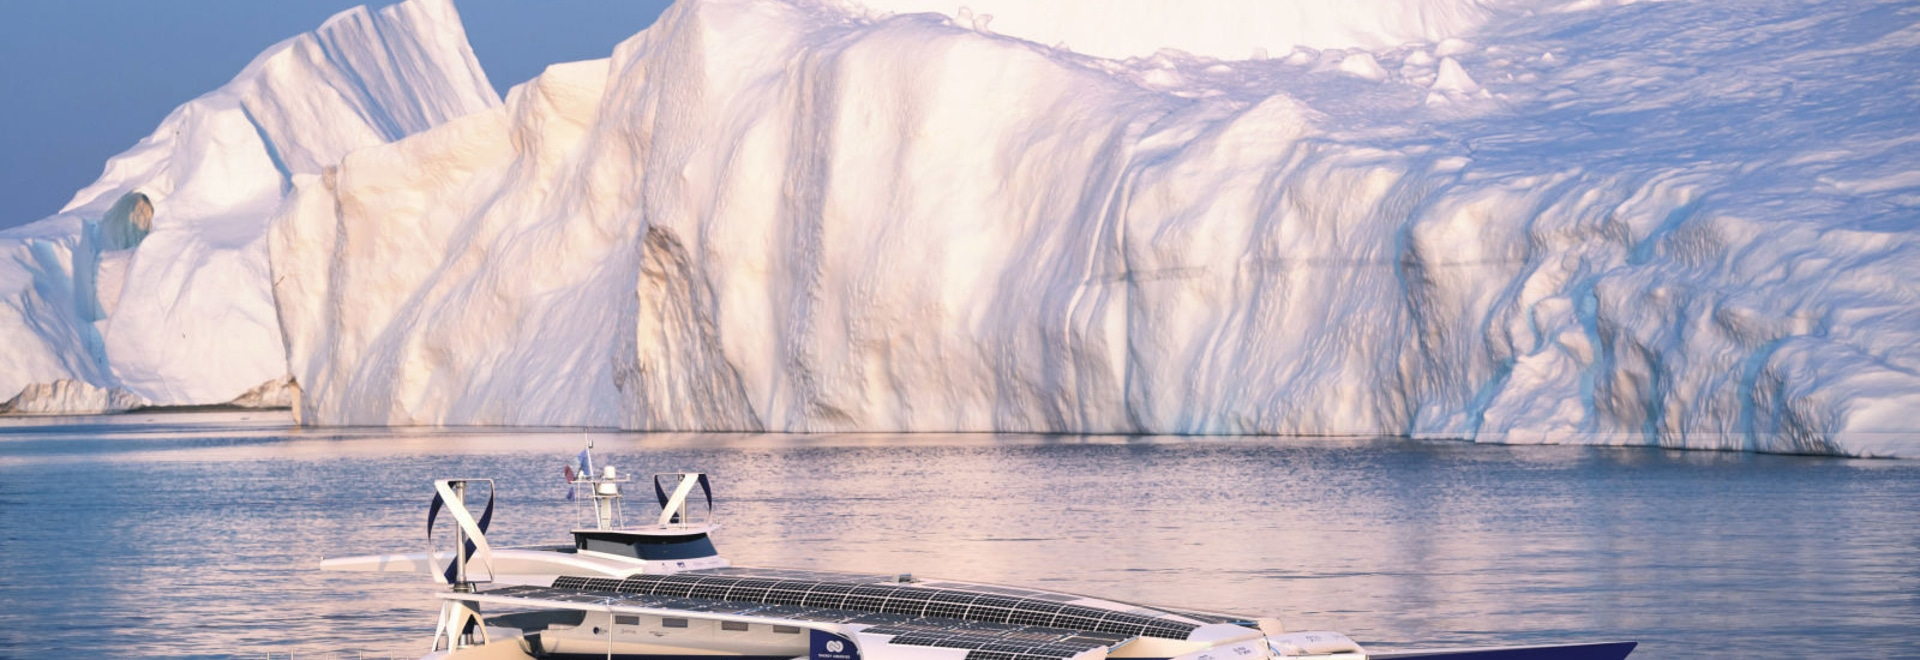 Le premier bateau actionné vert se dirige pour contourner le globe